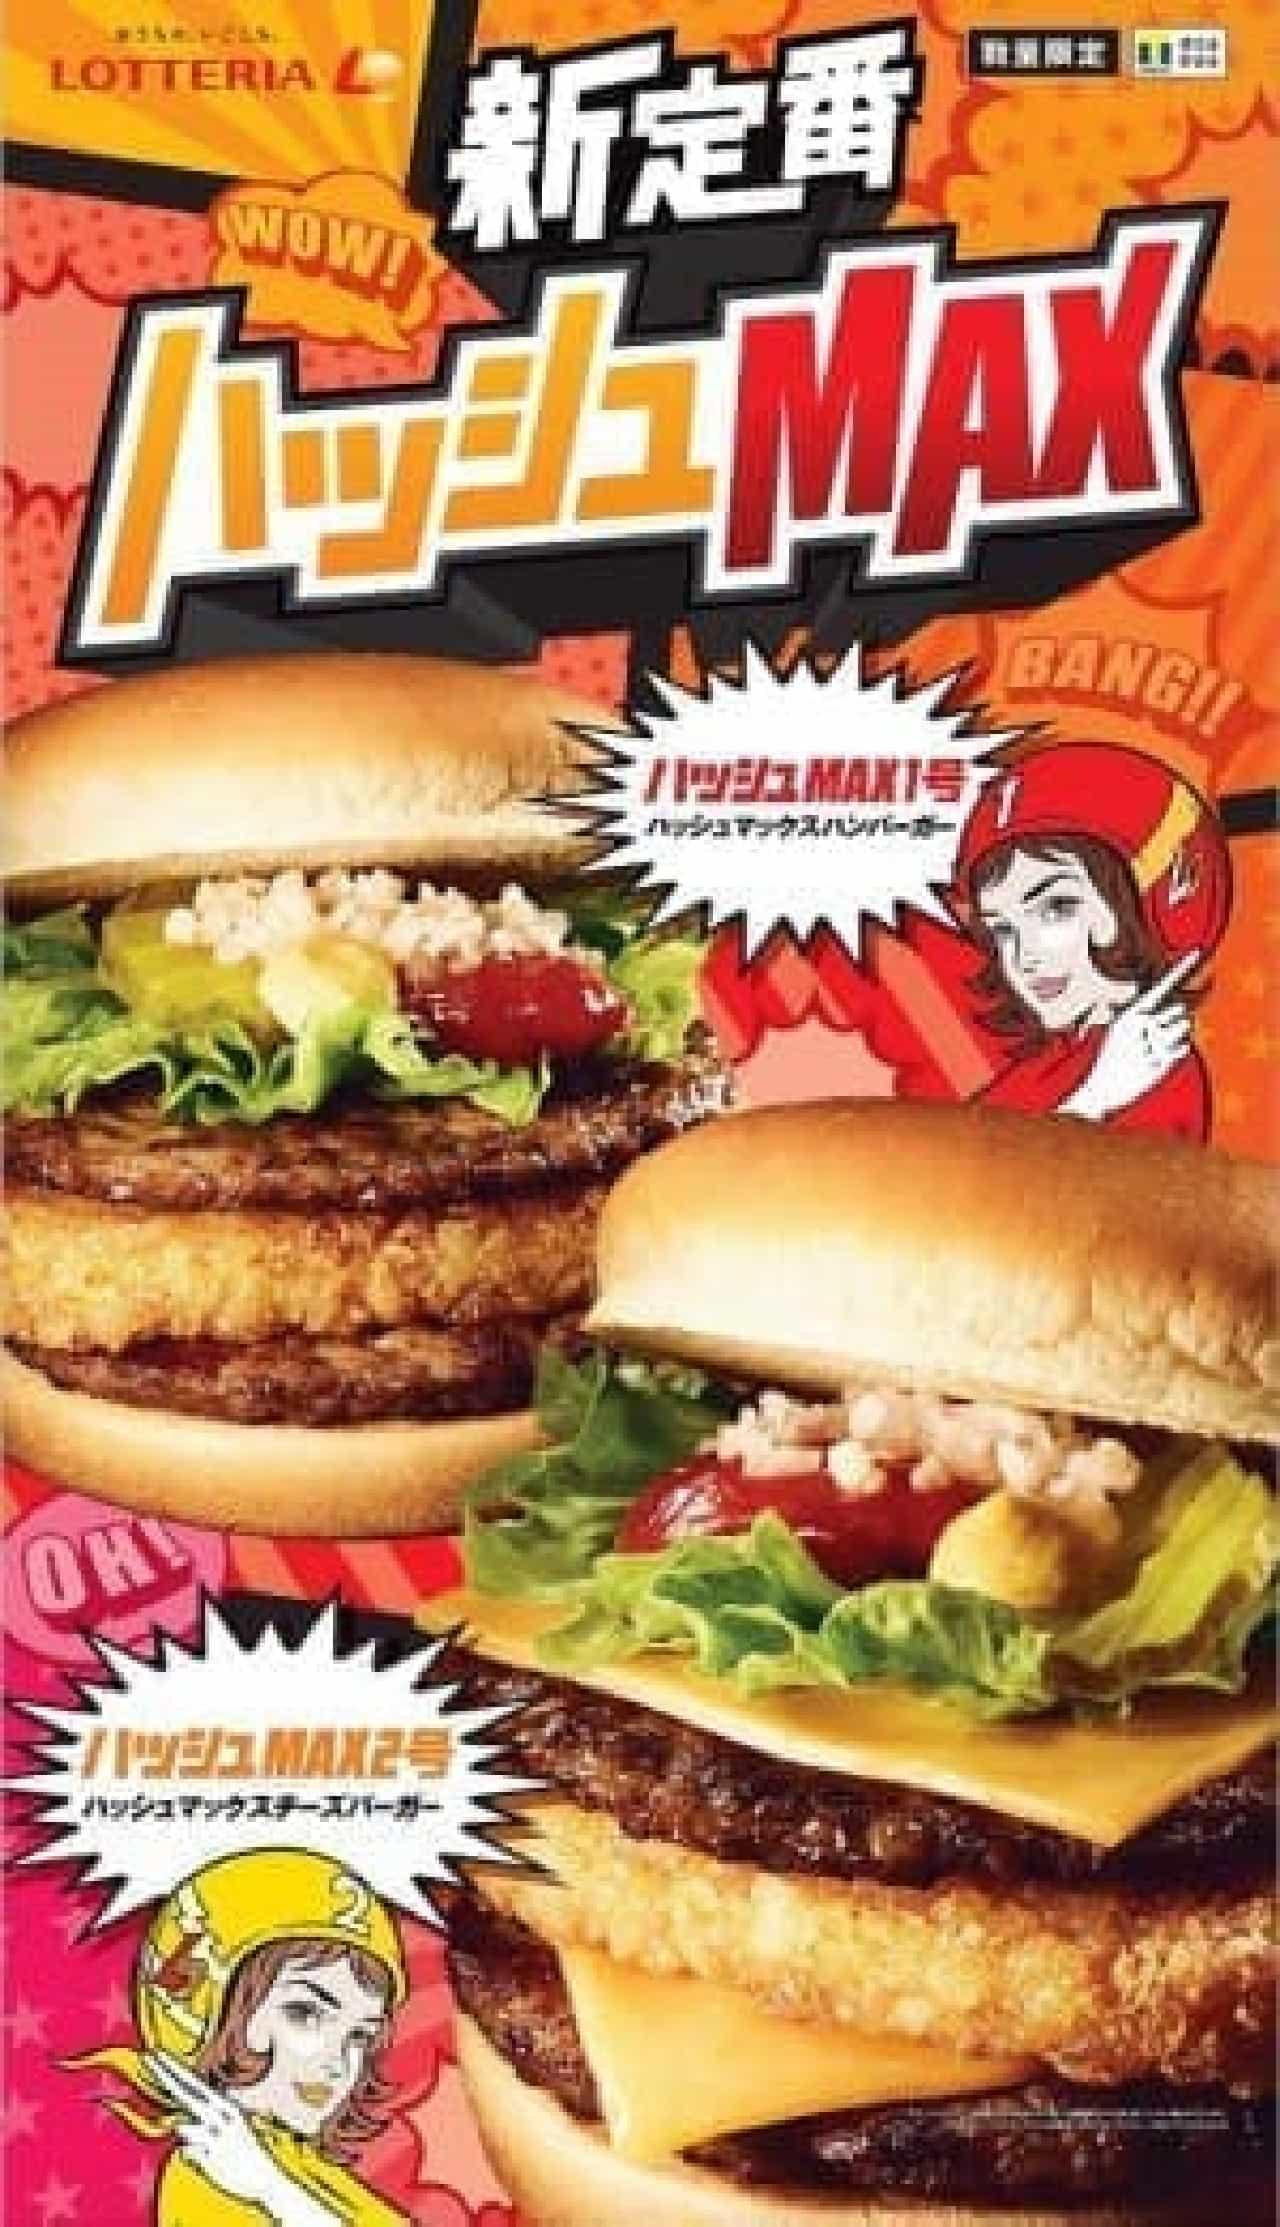 ロッテリア「ハッシュマックスハンバーガー」と「ハッシュマックスチーズバーガー」